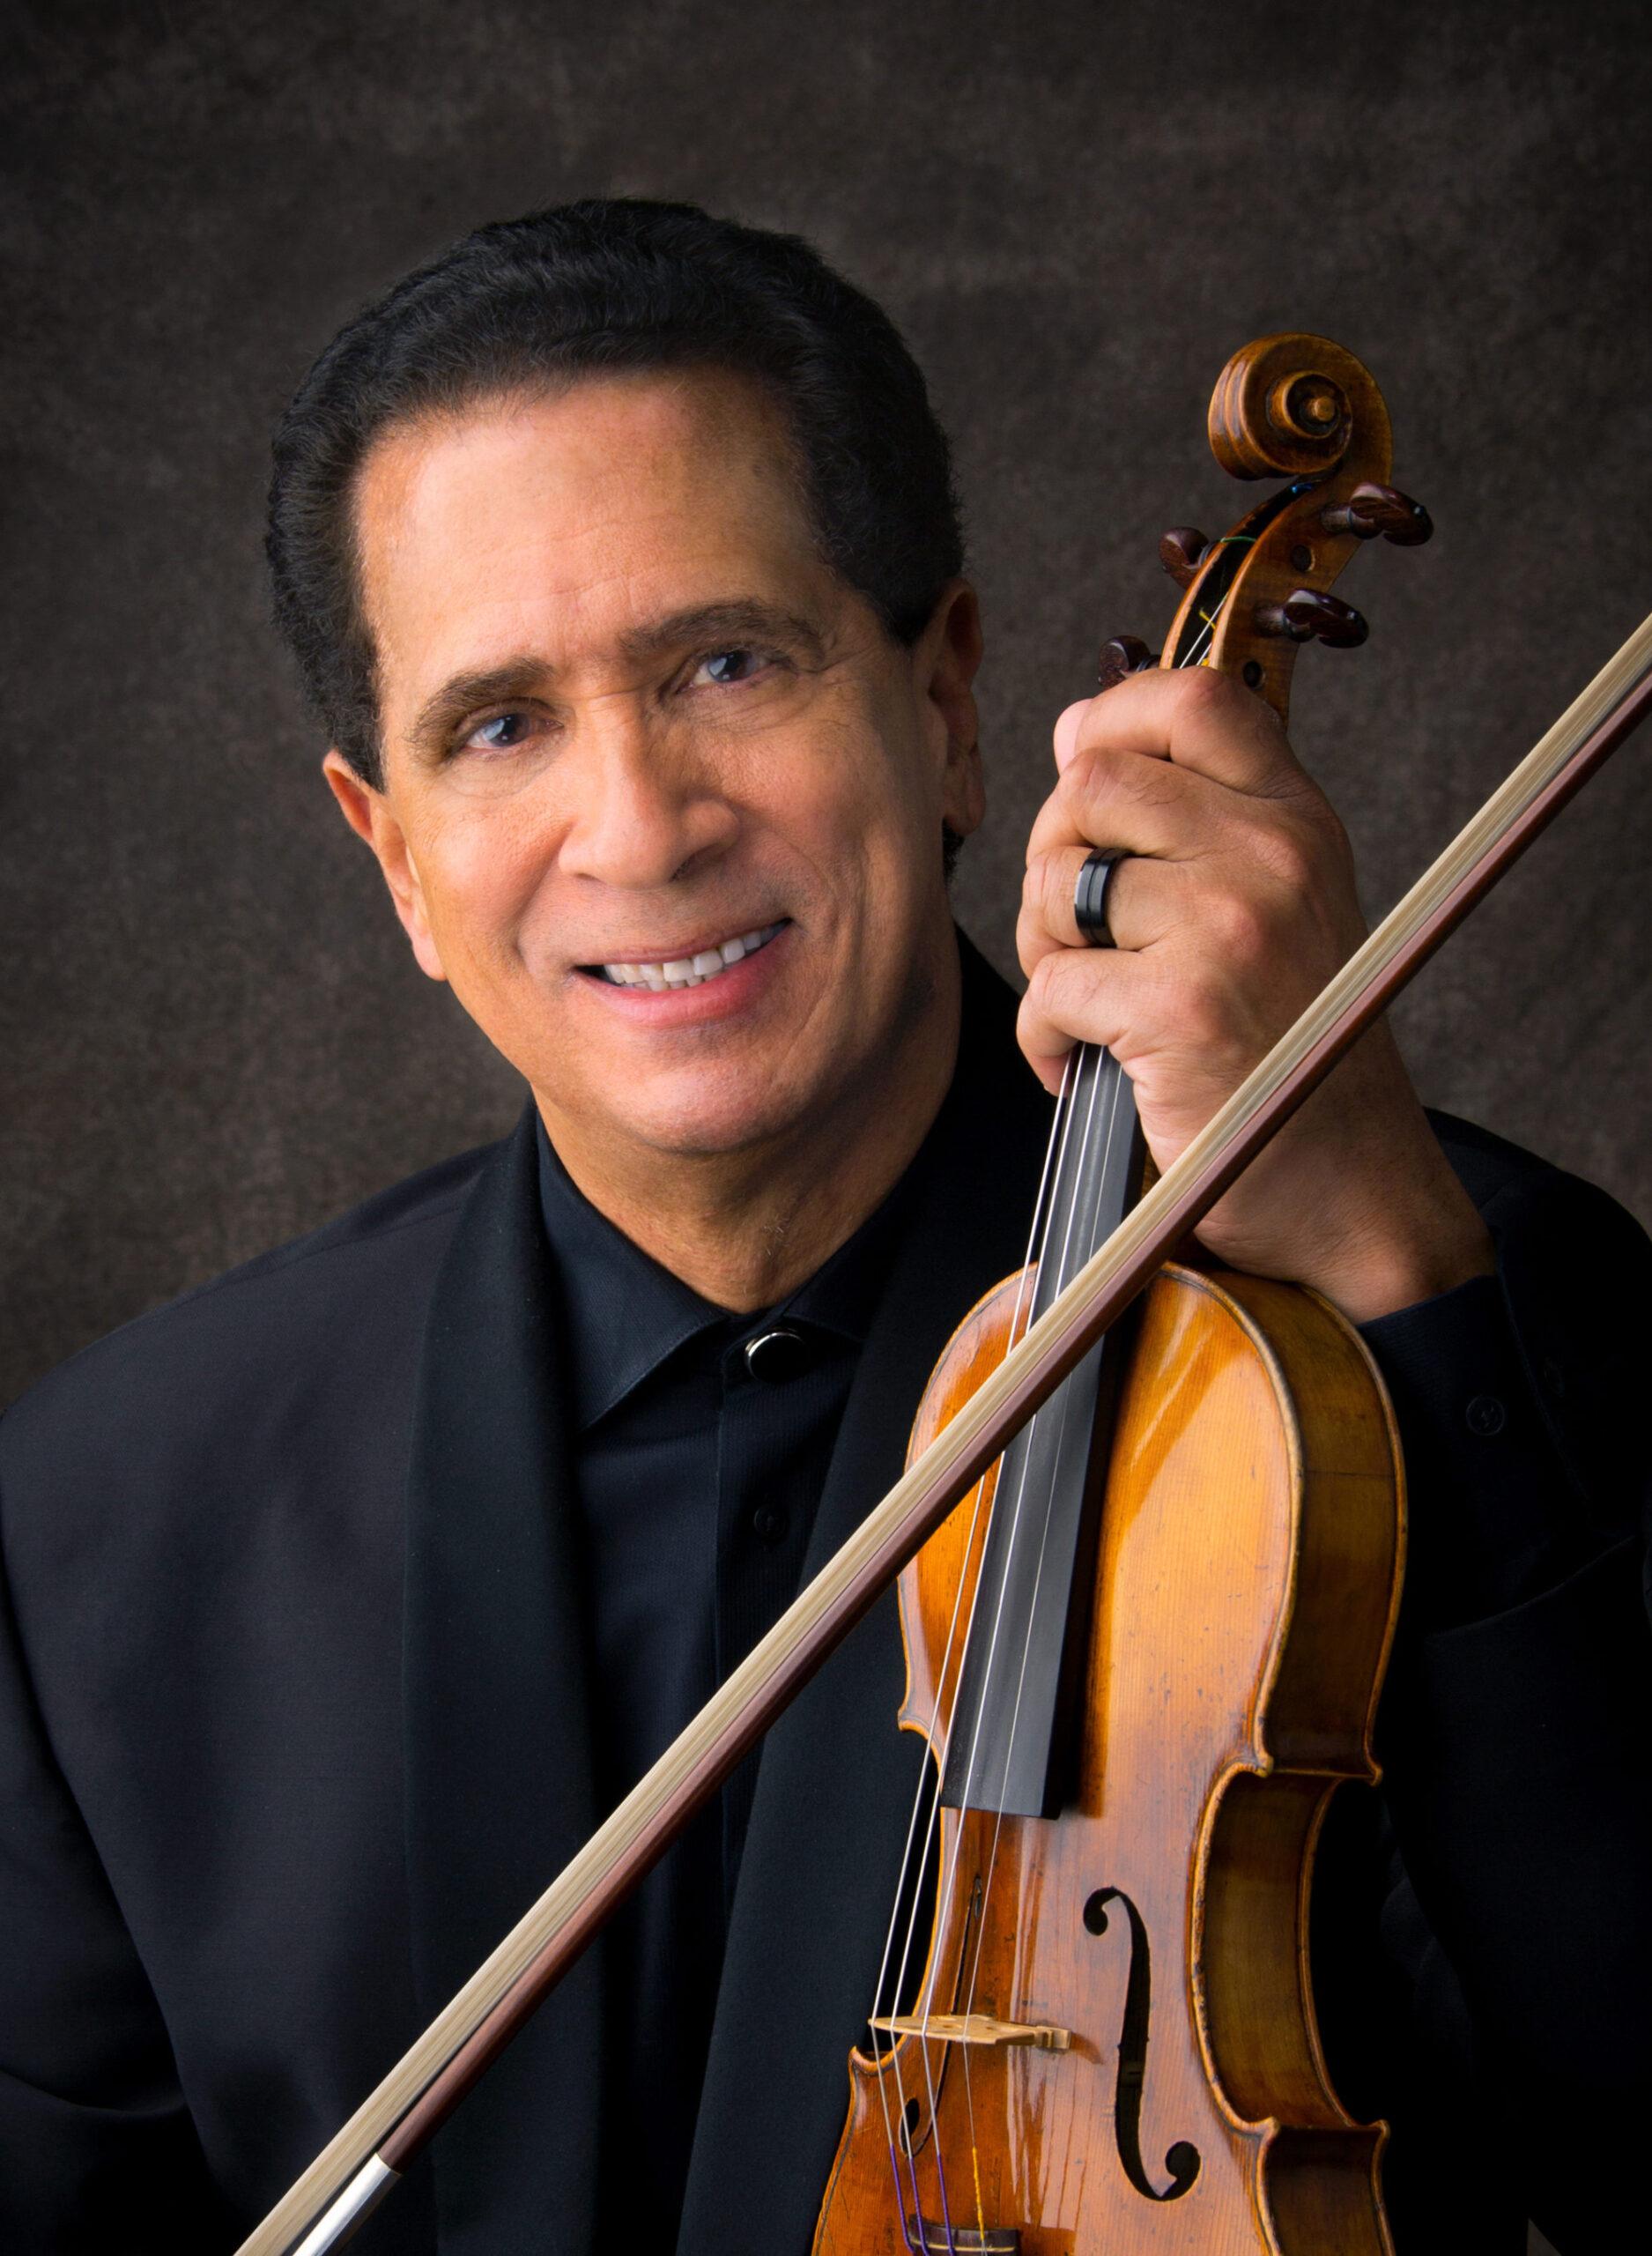 guillermo figuero holding a violin